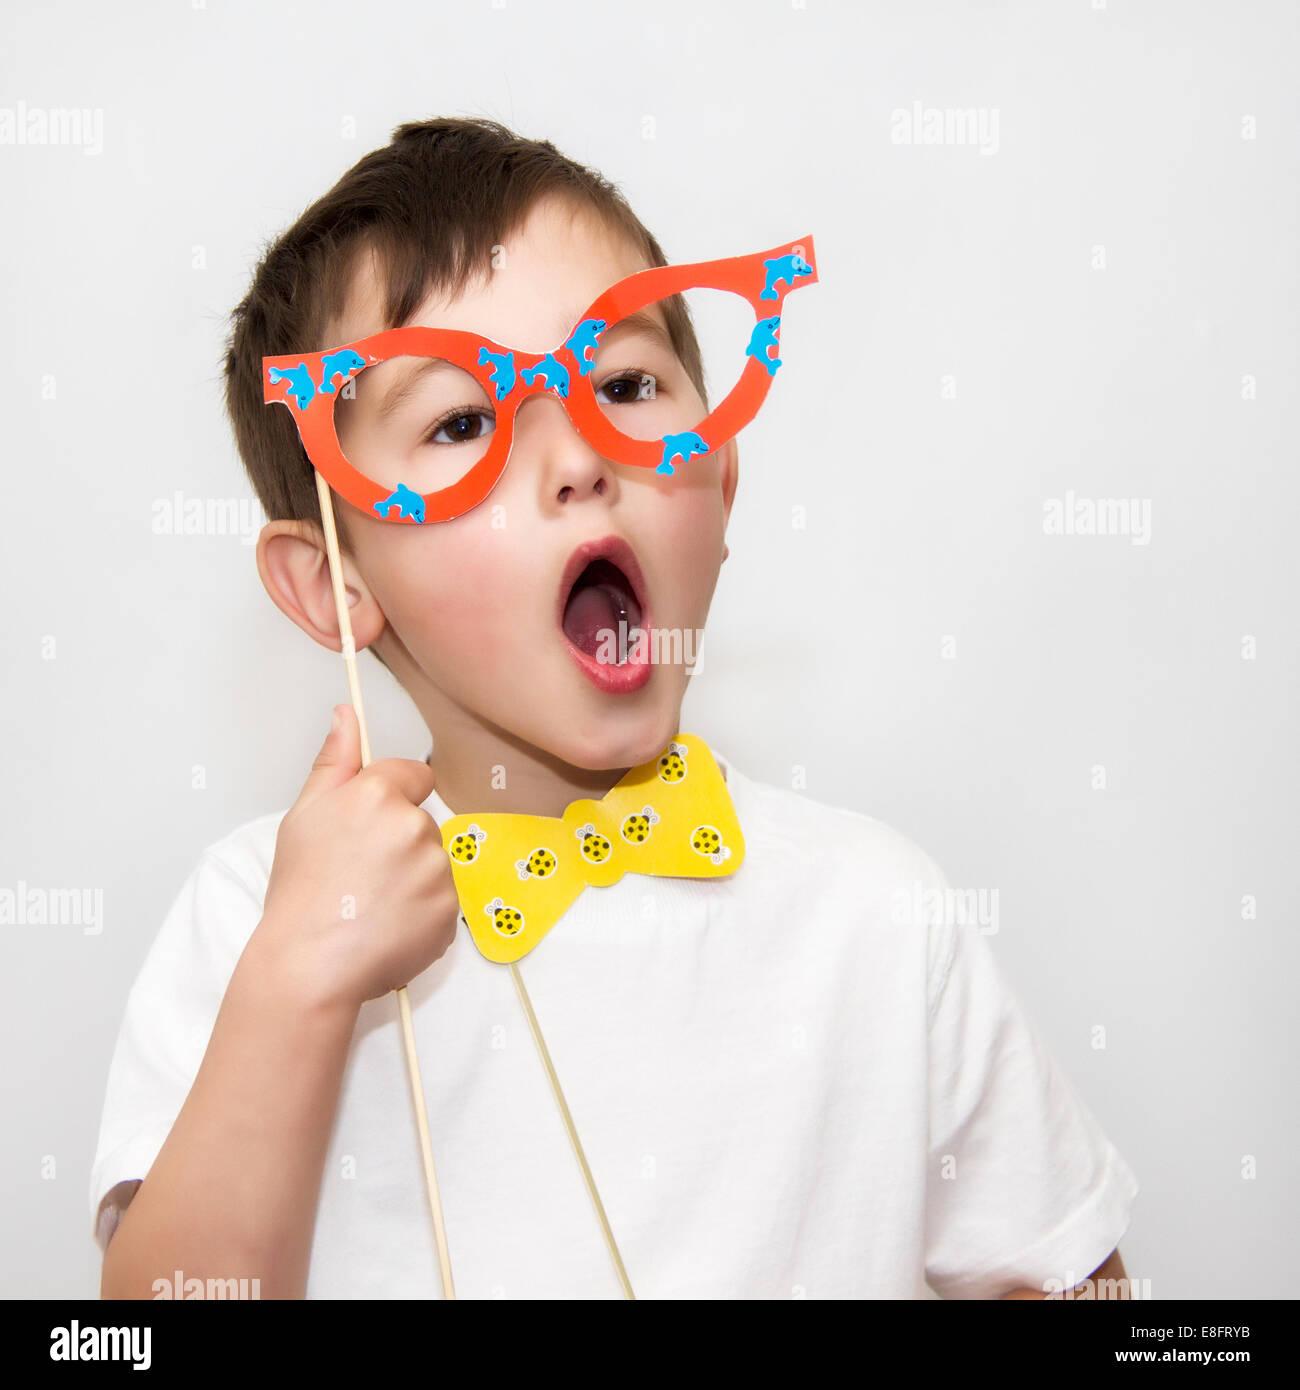 Niño con gafas y pajarita máscaras Foto de stock